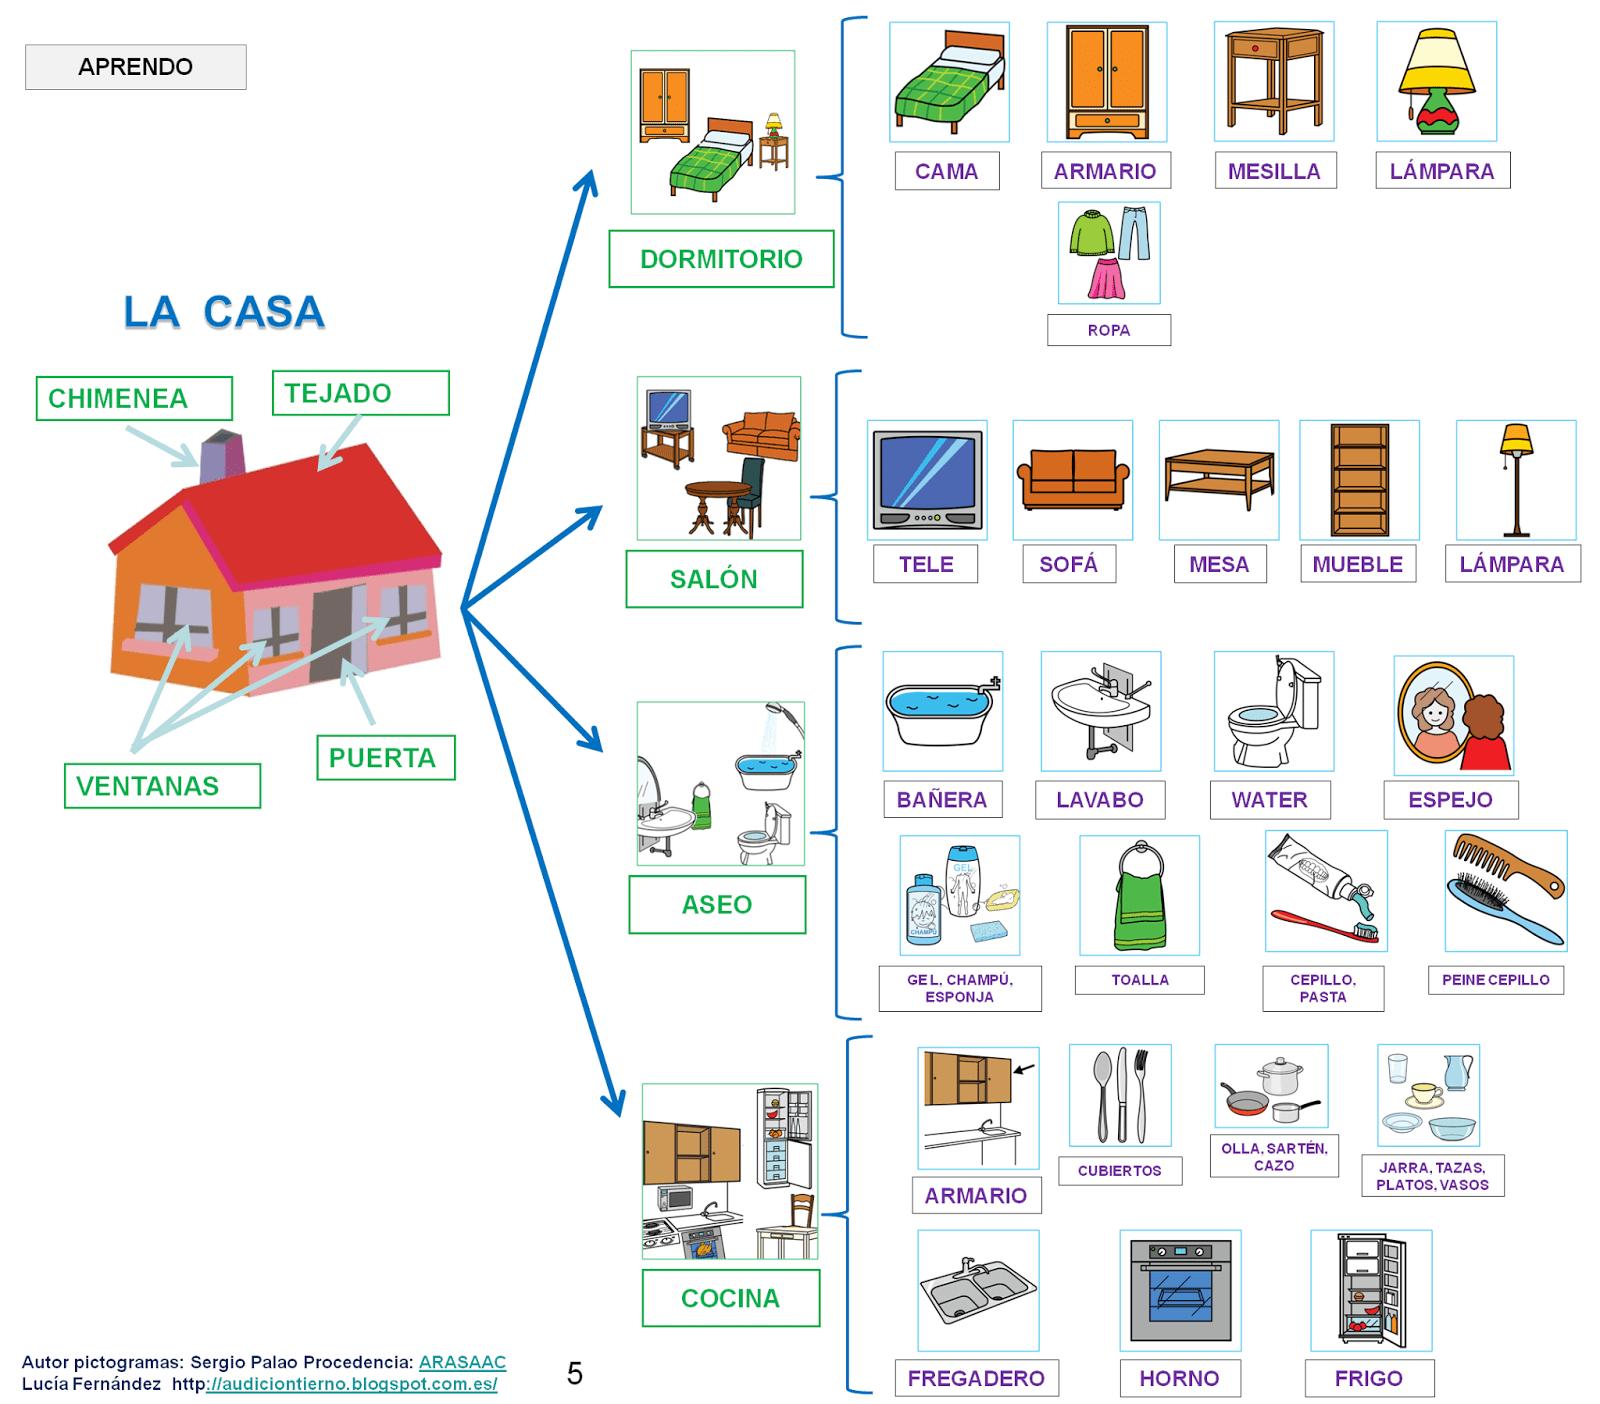 Audicion Y Lenguaje Proyecto Donde Vivo Calle Casa Localidad Tipos De Pueblos Y Poblacion